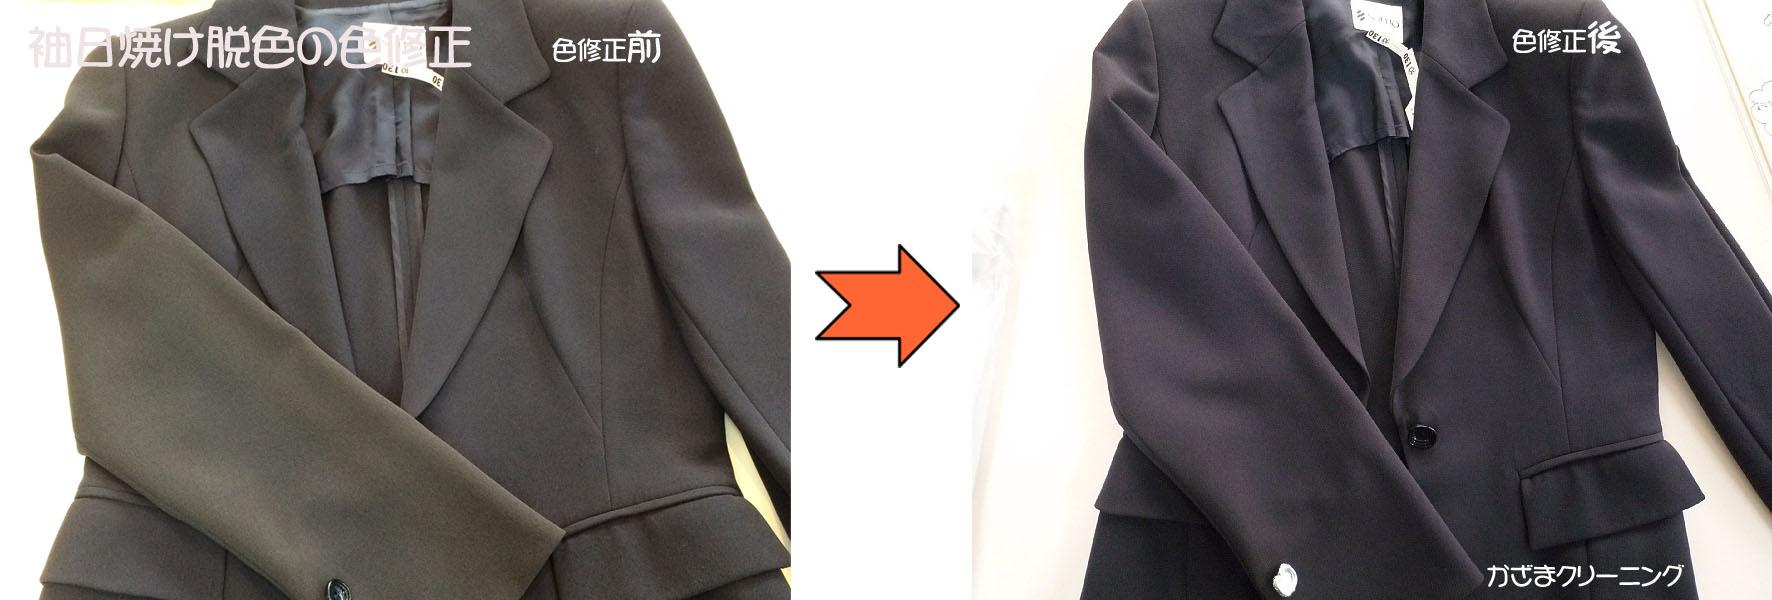 肌の日焼けのように黒くならないので、衣類の脱色は修復可能かも・・・